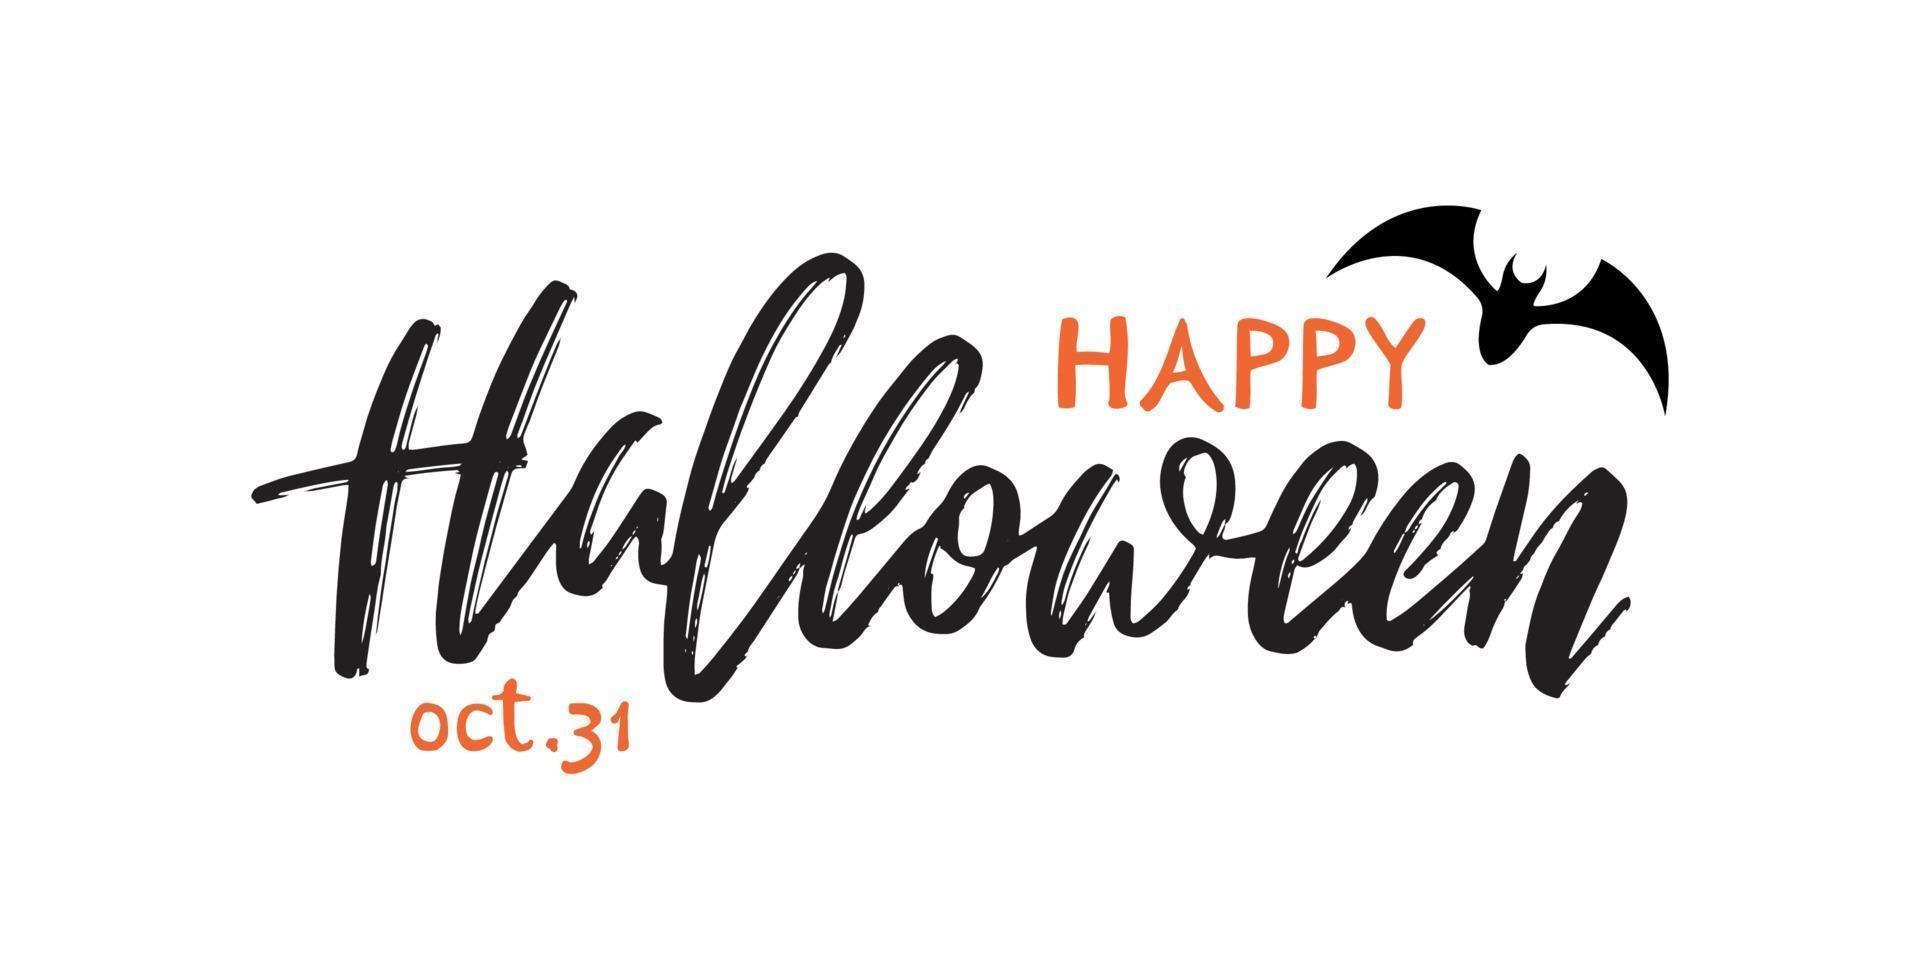 inscripción manuscrita feliz halloween. banner de saludo de vector para la celebración de halloween.